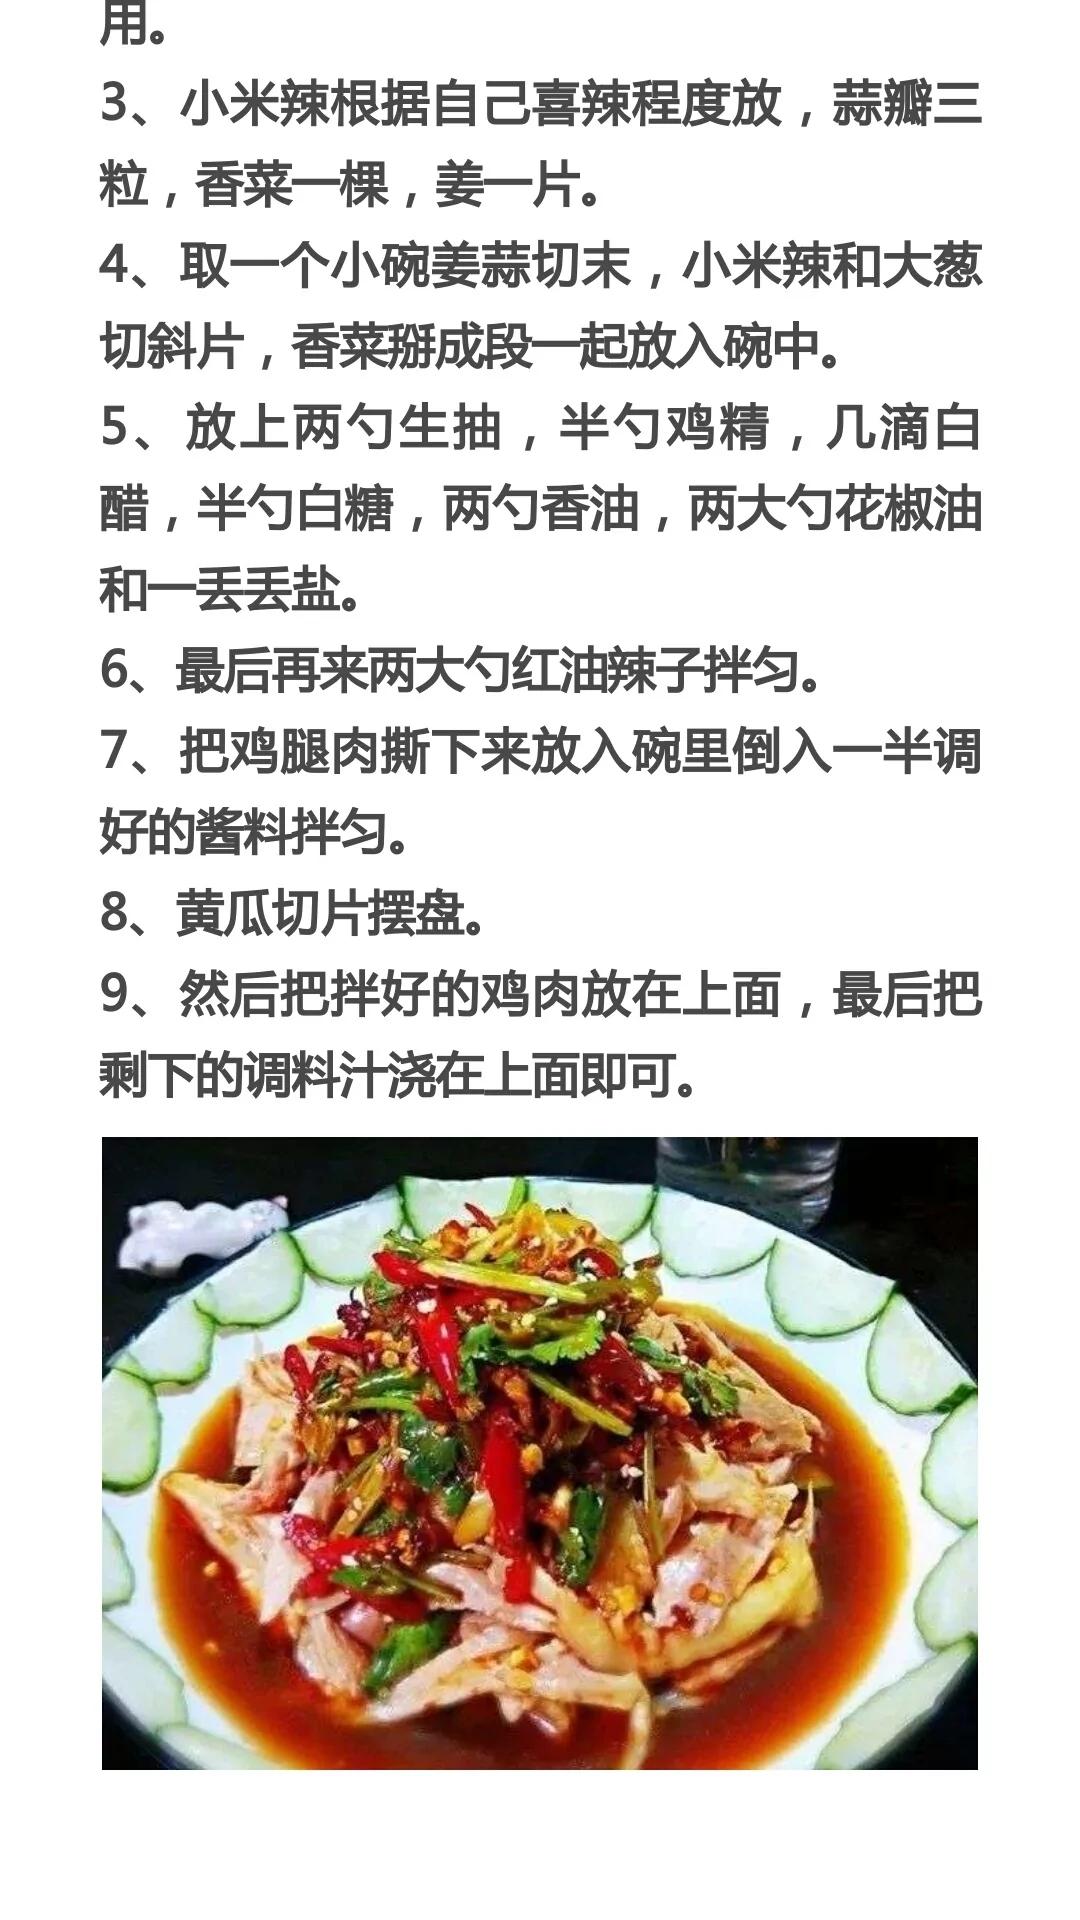 家常凉拌菜的做法及配料 美食做法 第7张